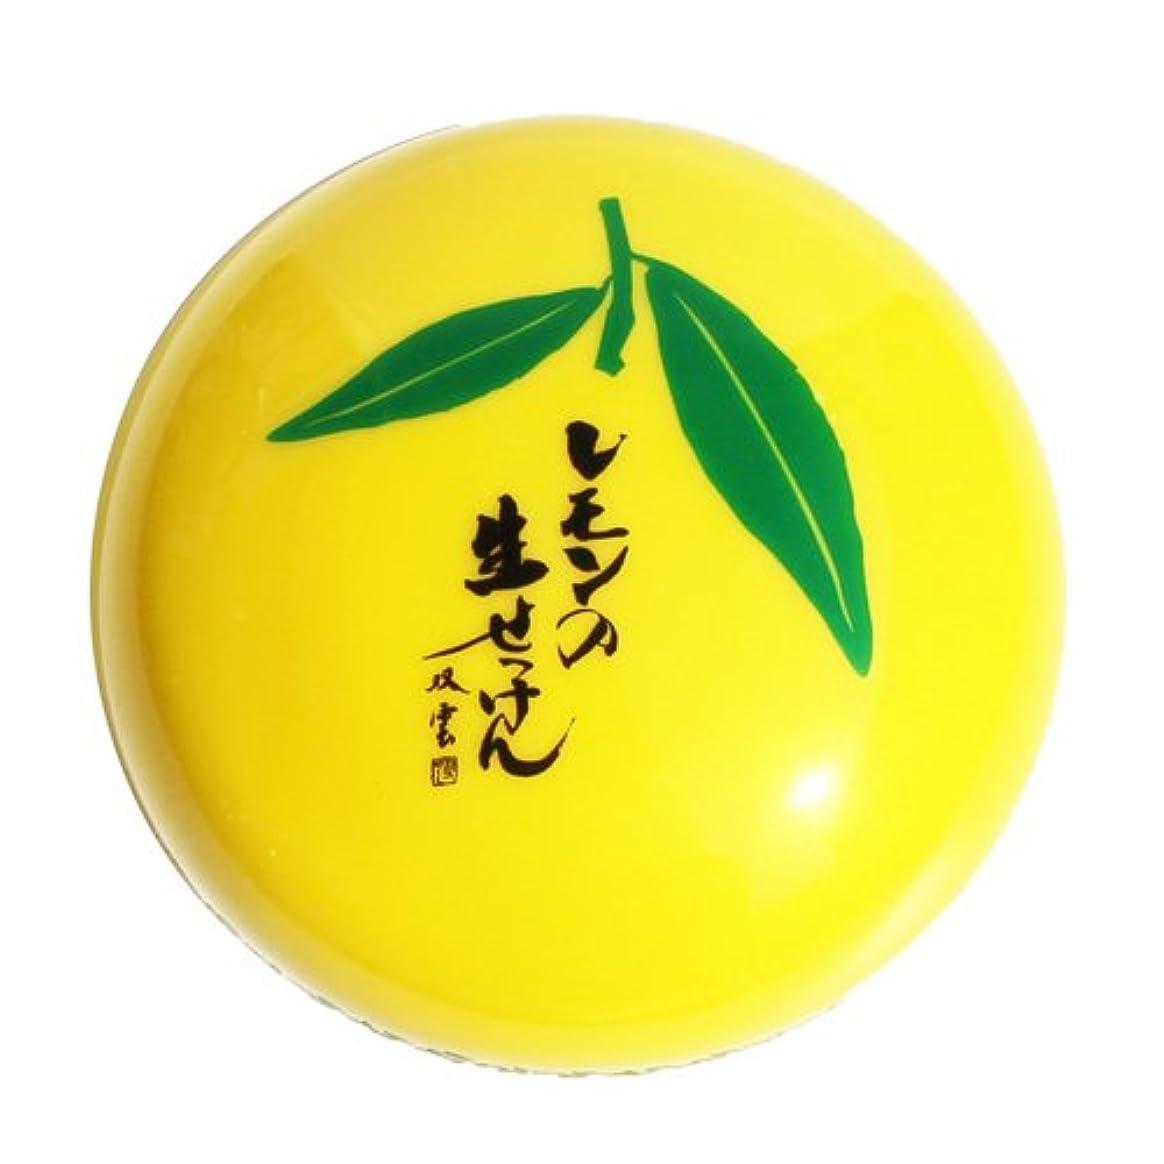 白雪姫ブラウンレギュラー美香柑 レモンの生せっけん 120g